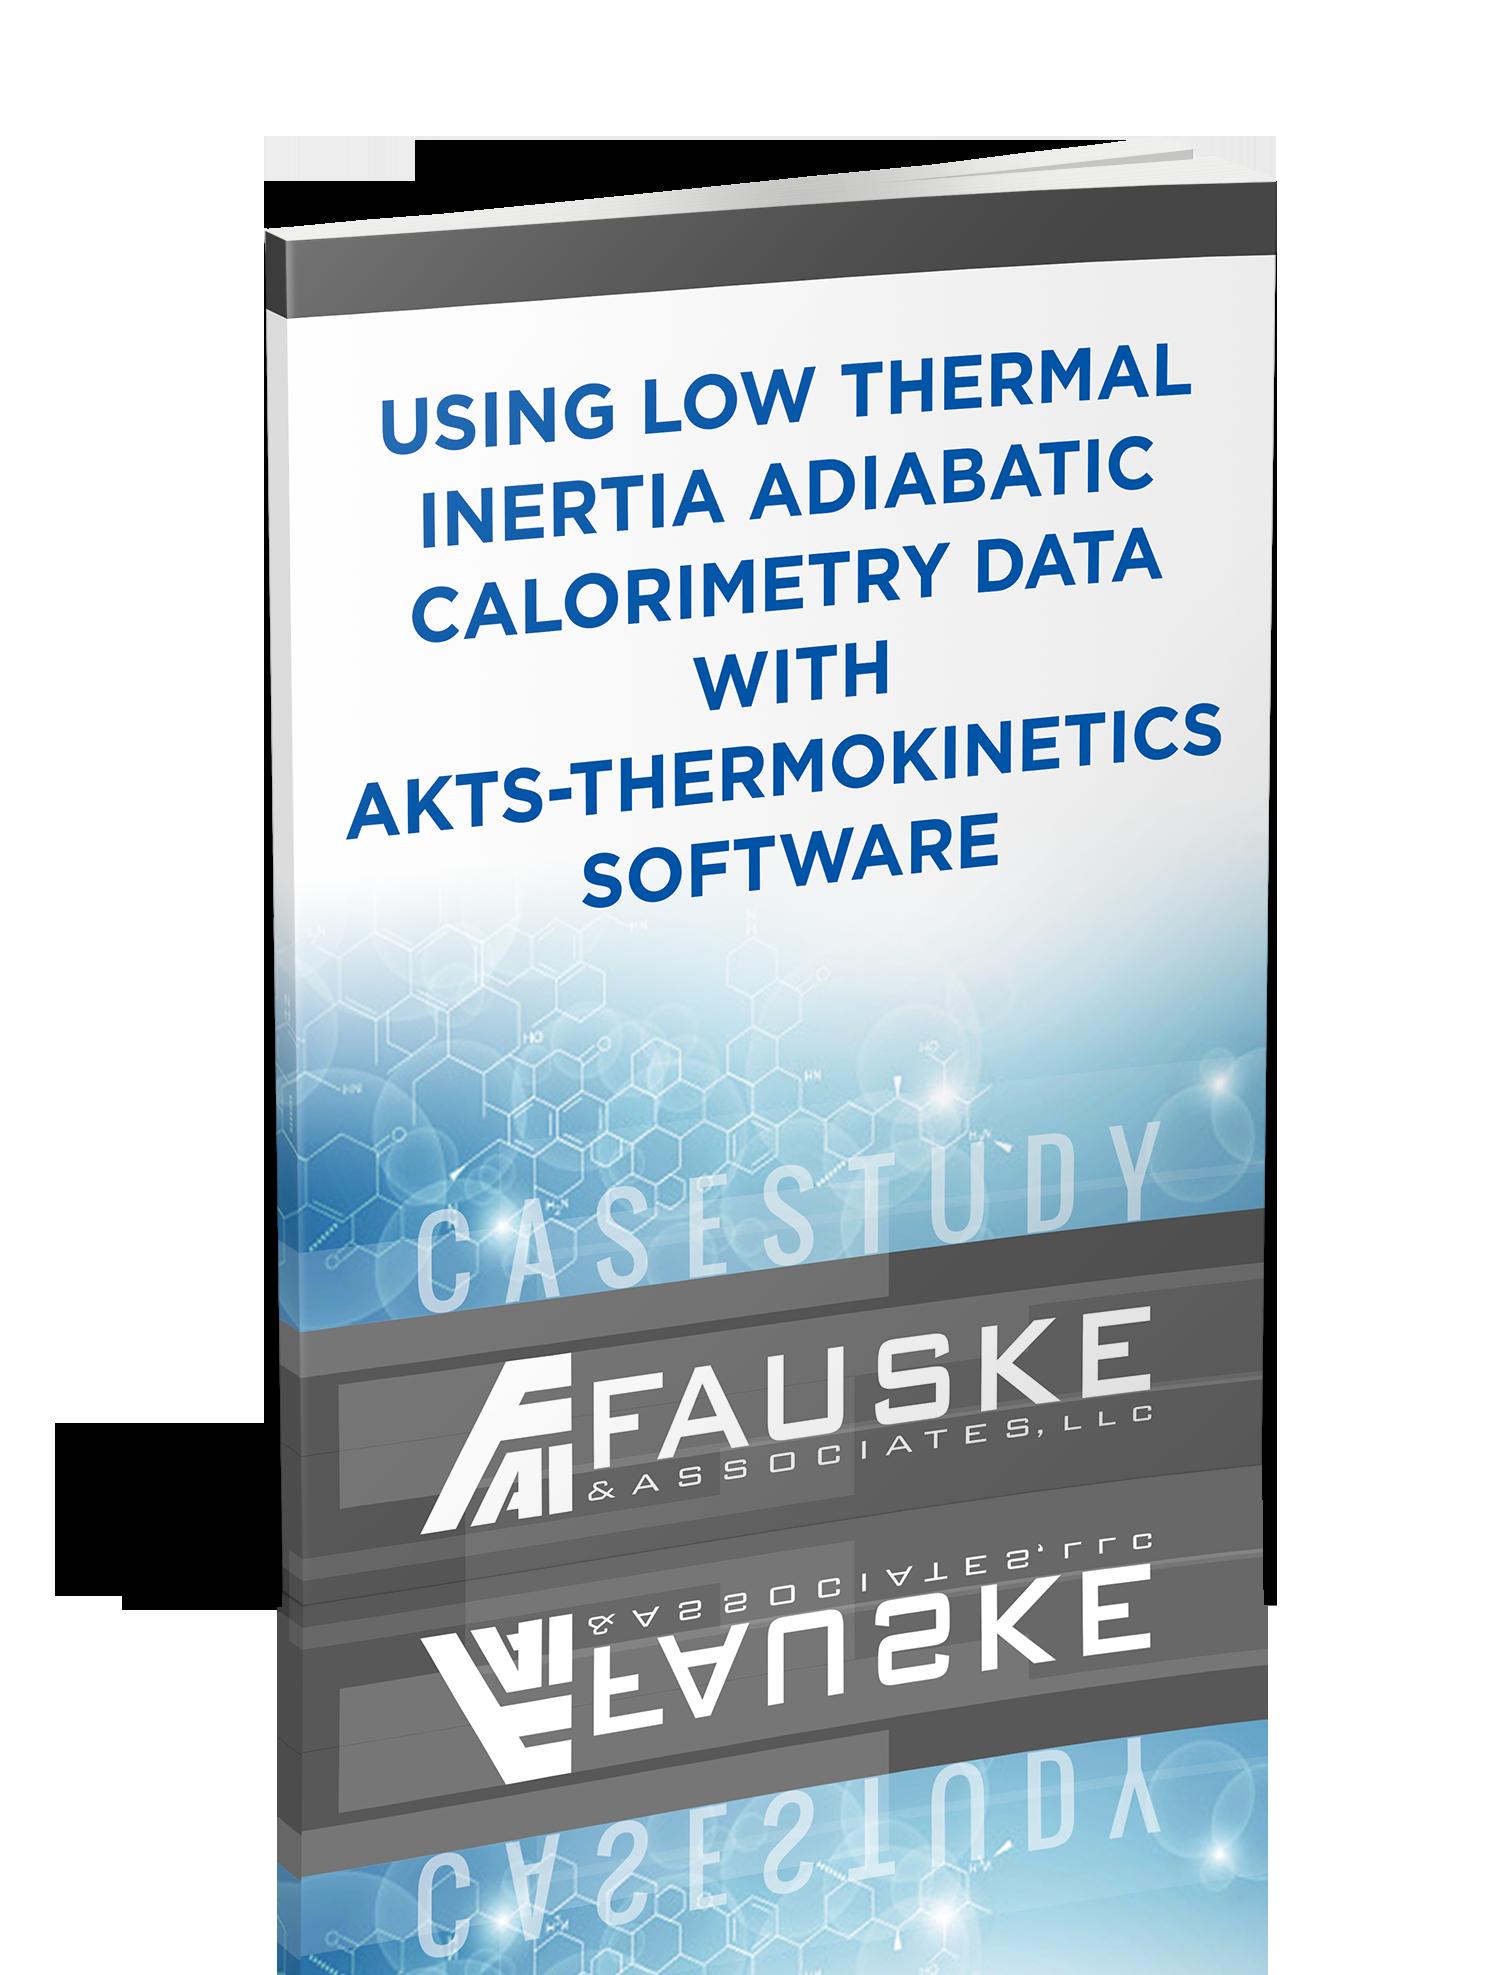 fauske-cs-low-thermal-inertia.png